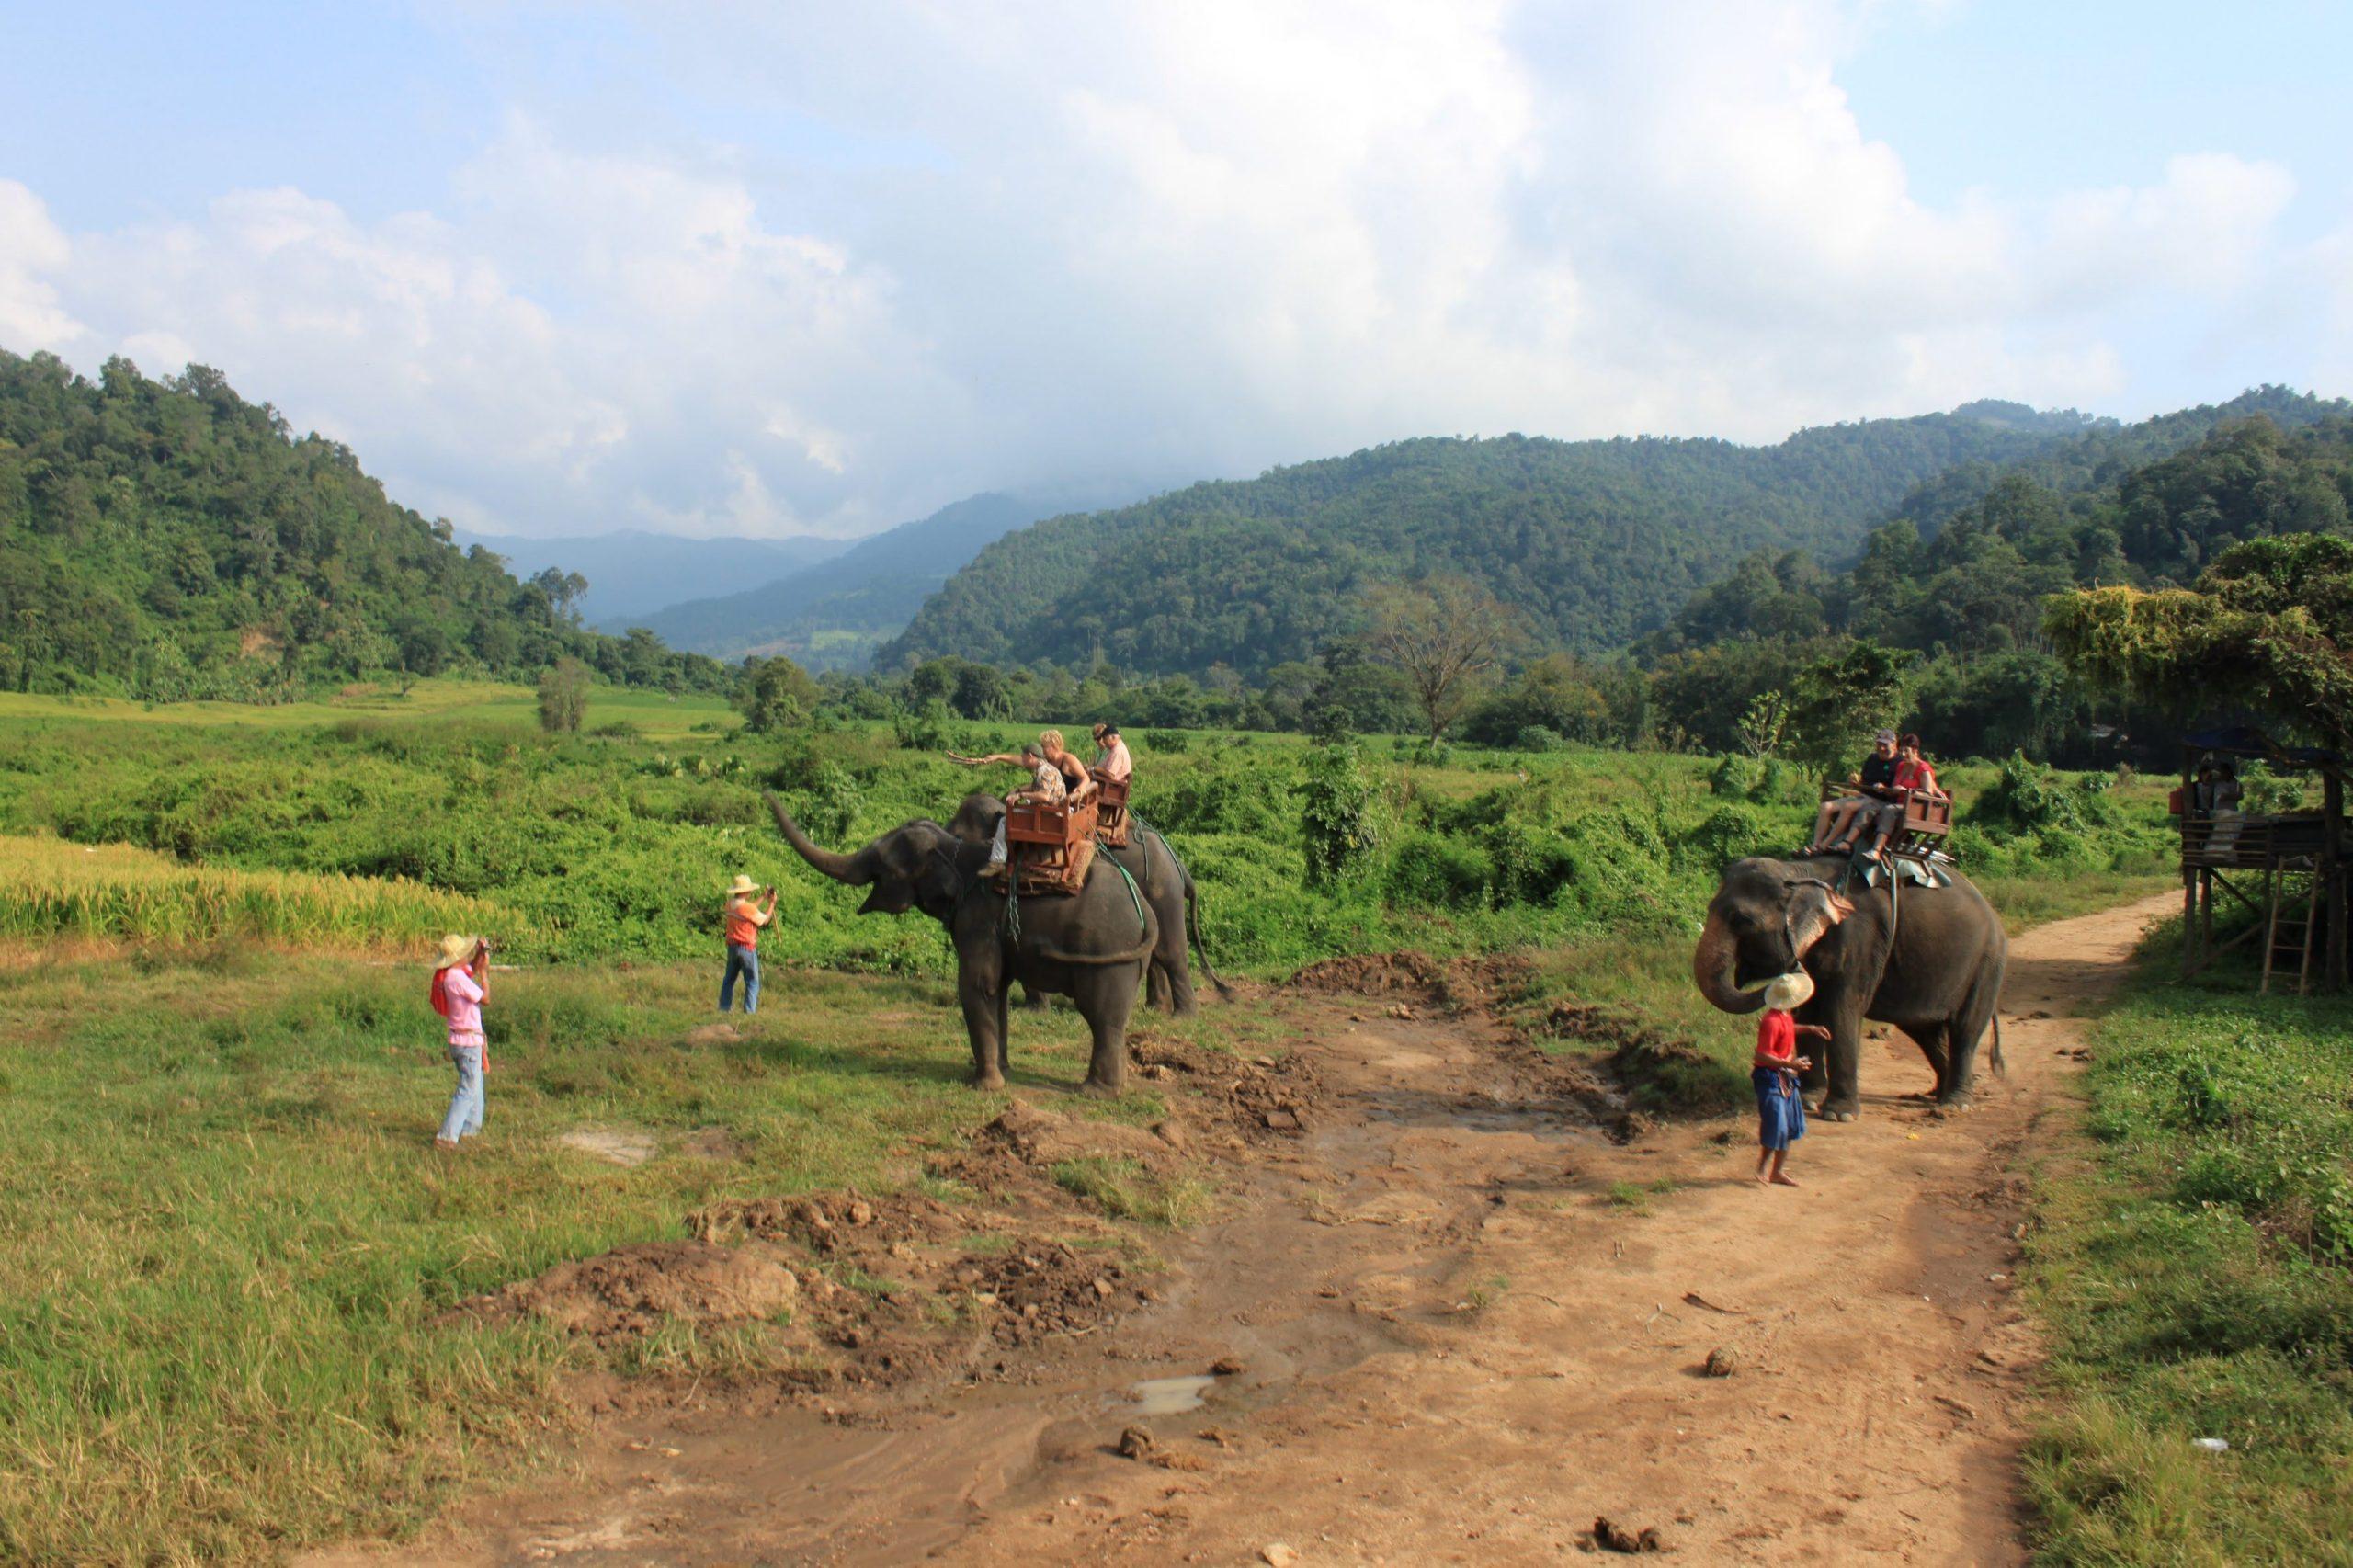 olifantenritjes - doe het niet